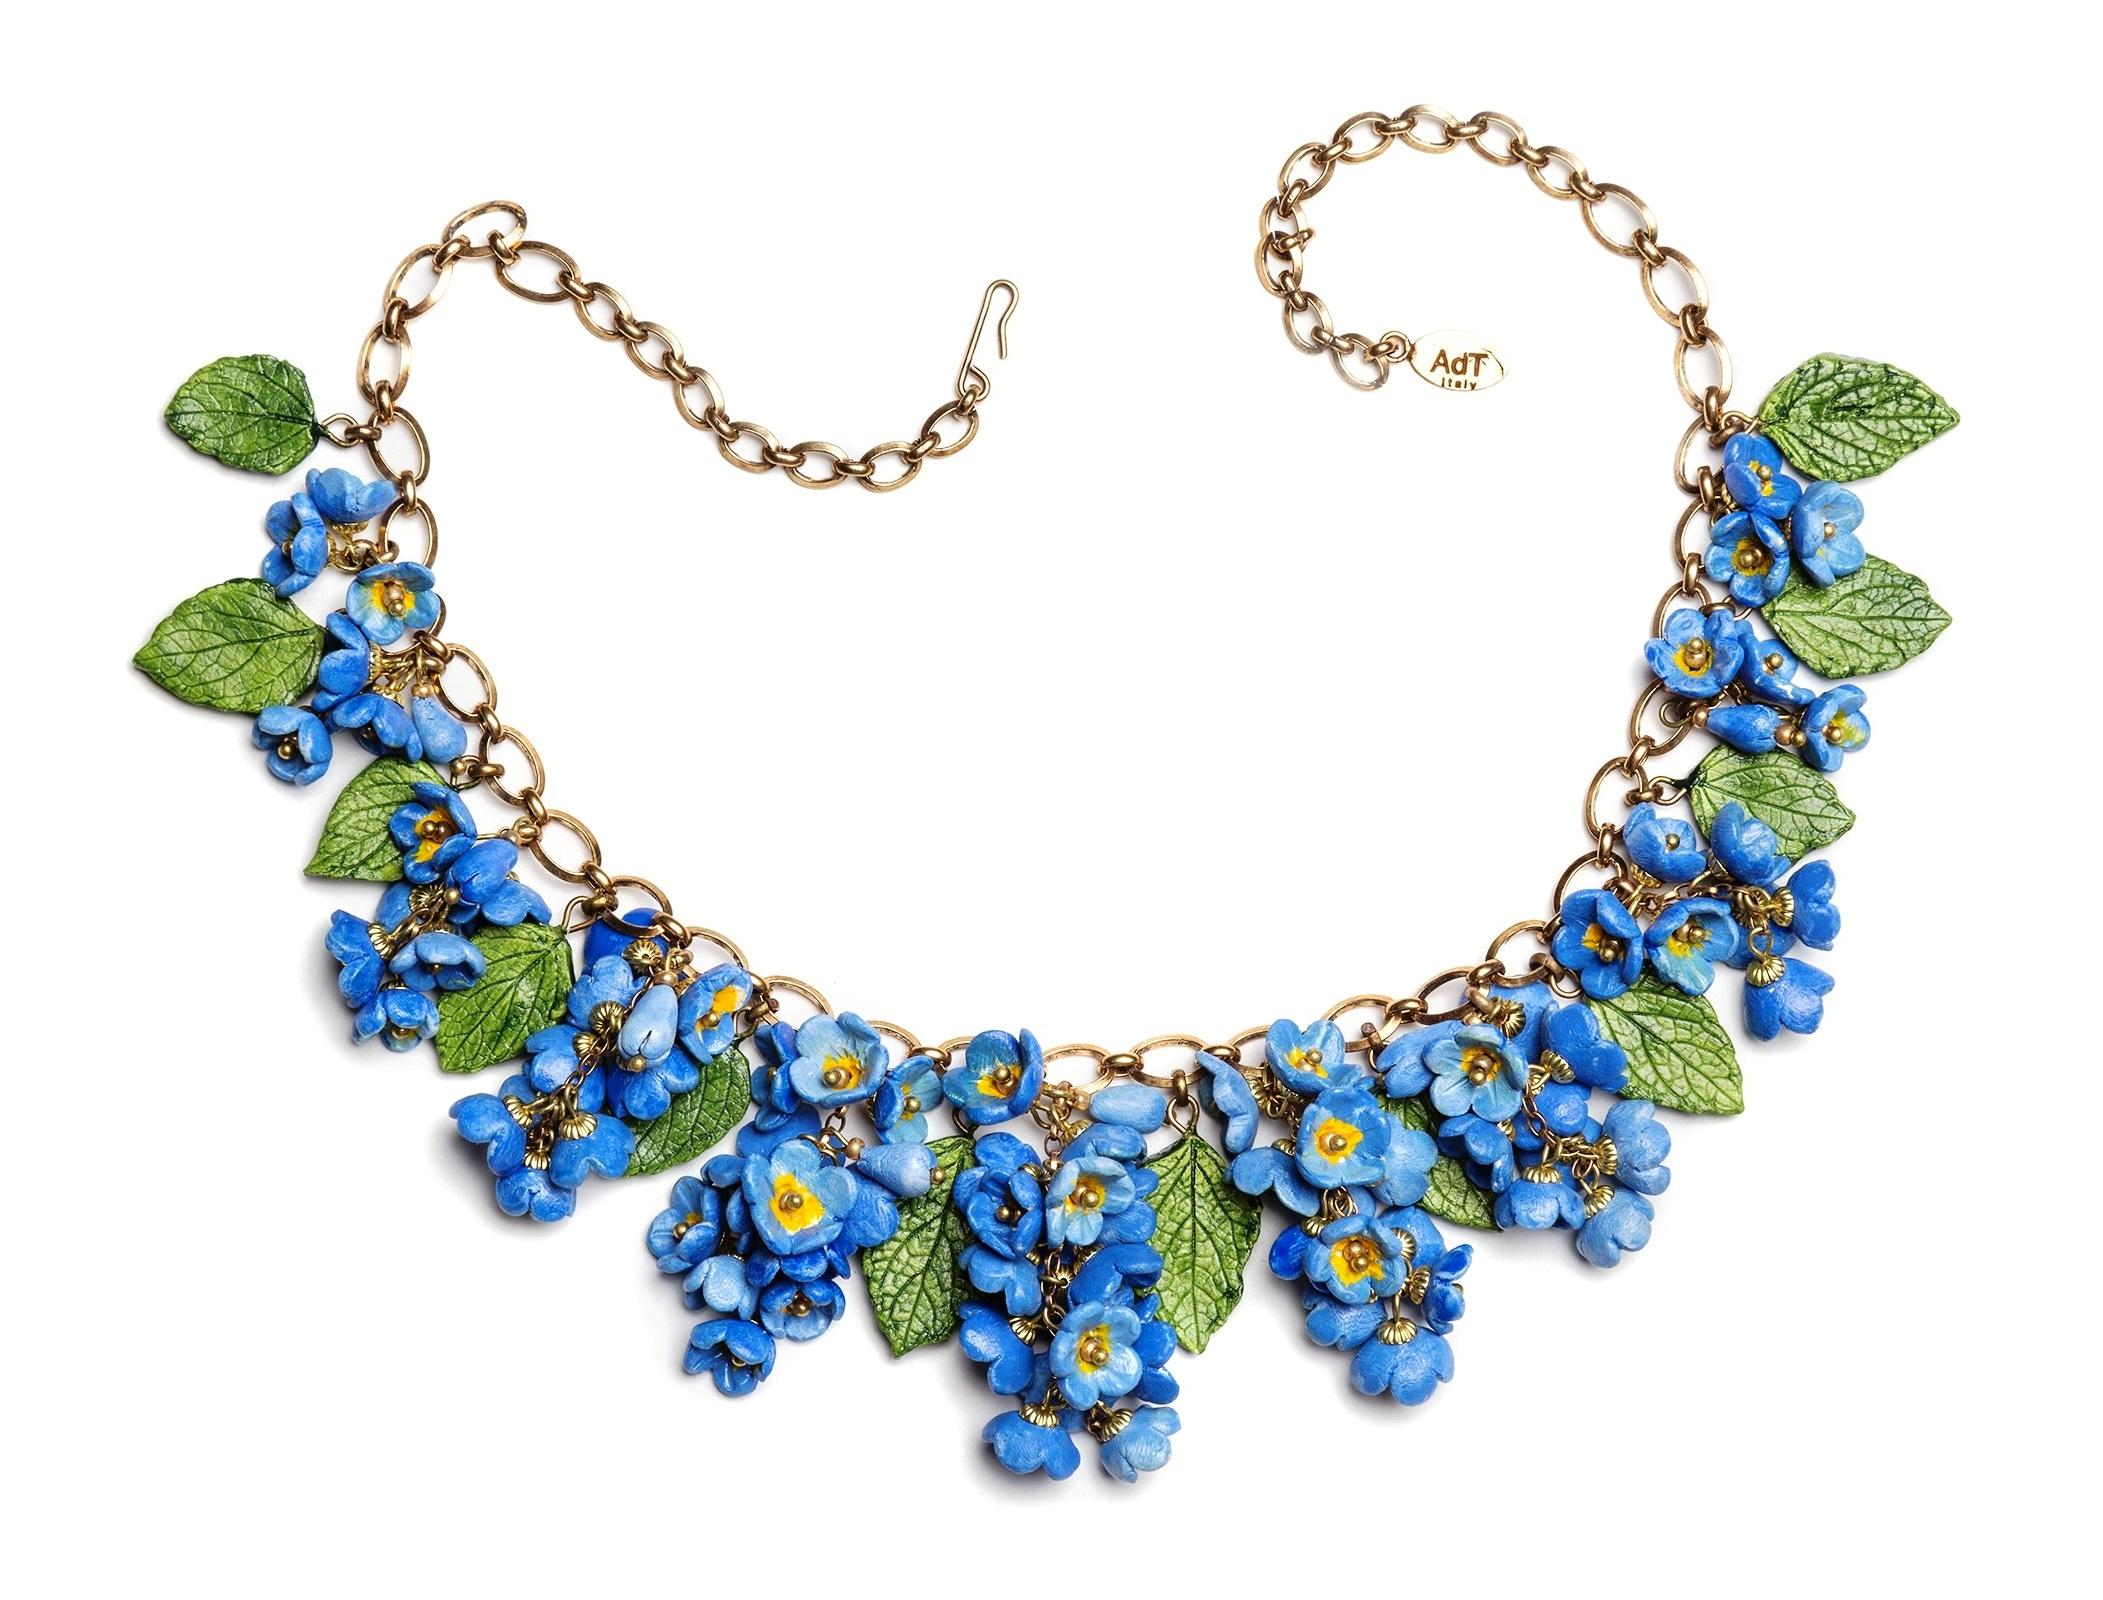 Forget Me Not (Myosotis sylvatica) necklace